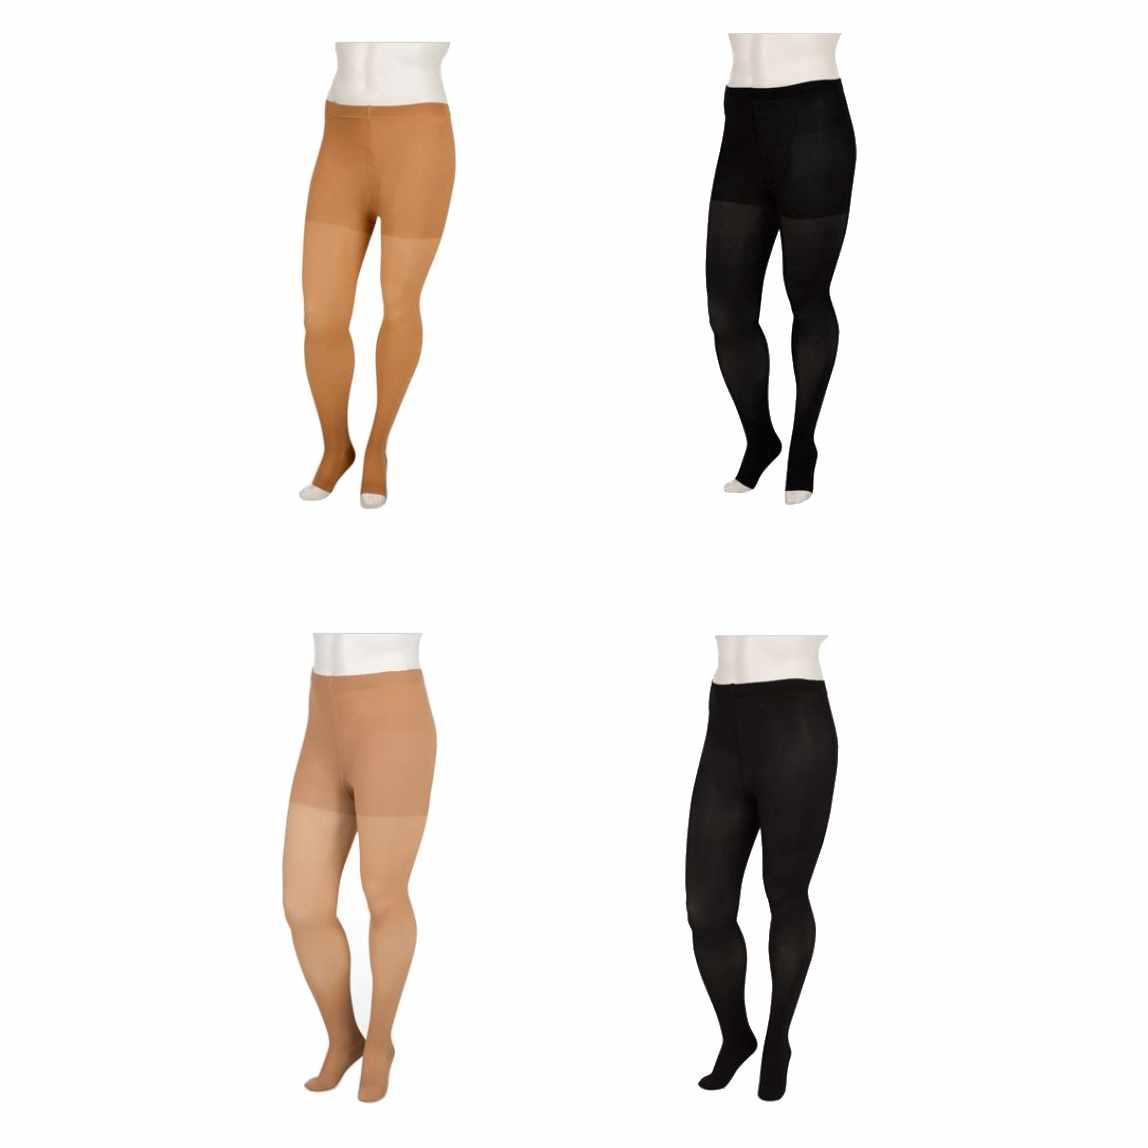 Juzo Basic Compression Pantyhose